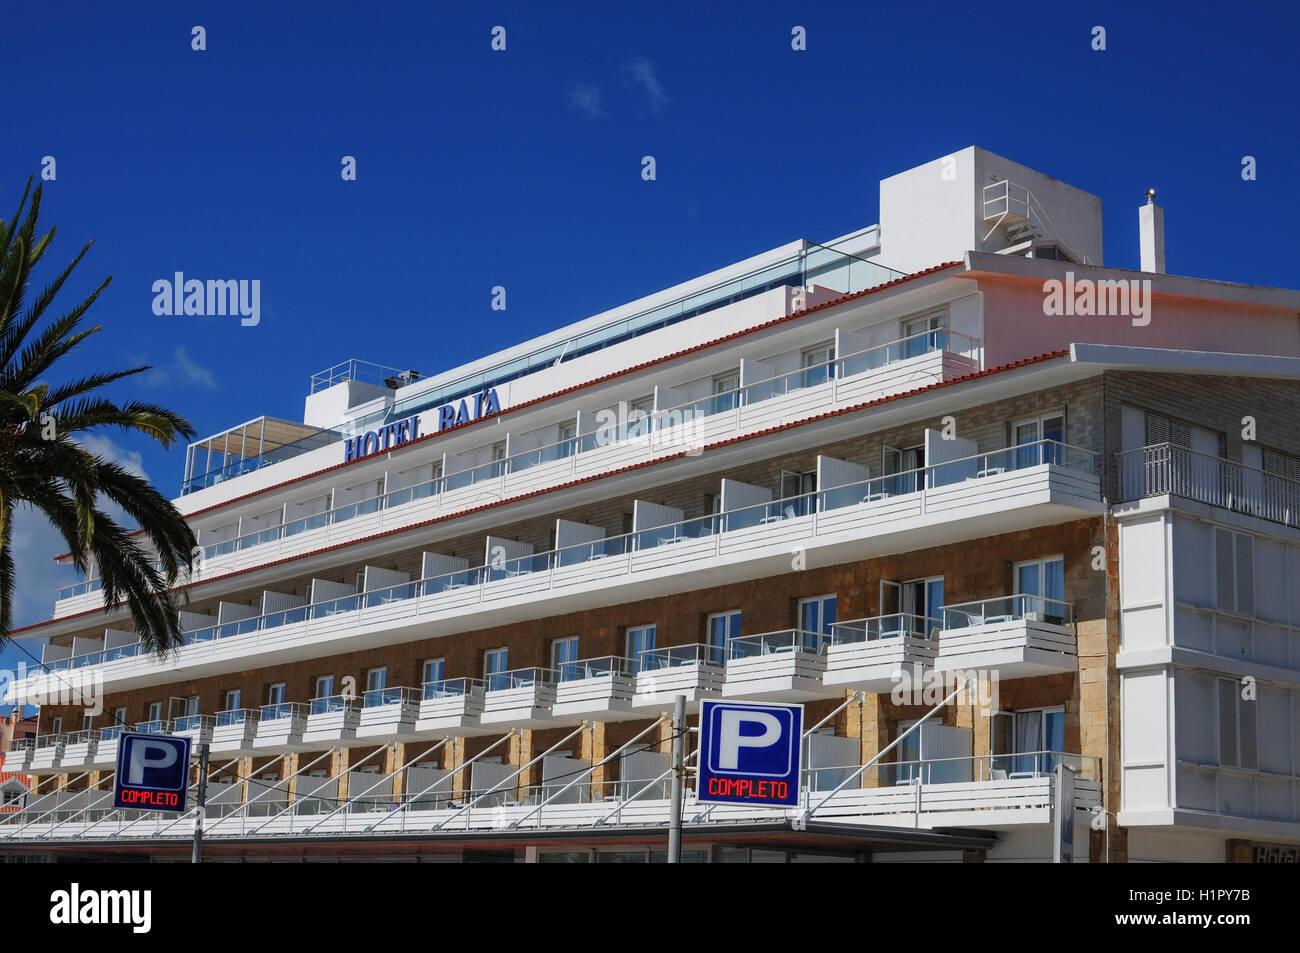 Hotel Baia Cascais : Hotel baia cascais portugal stockfoto bild: 121591551 alamy